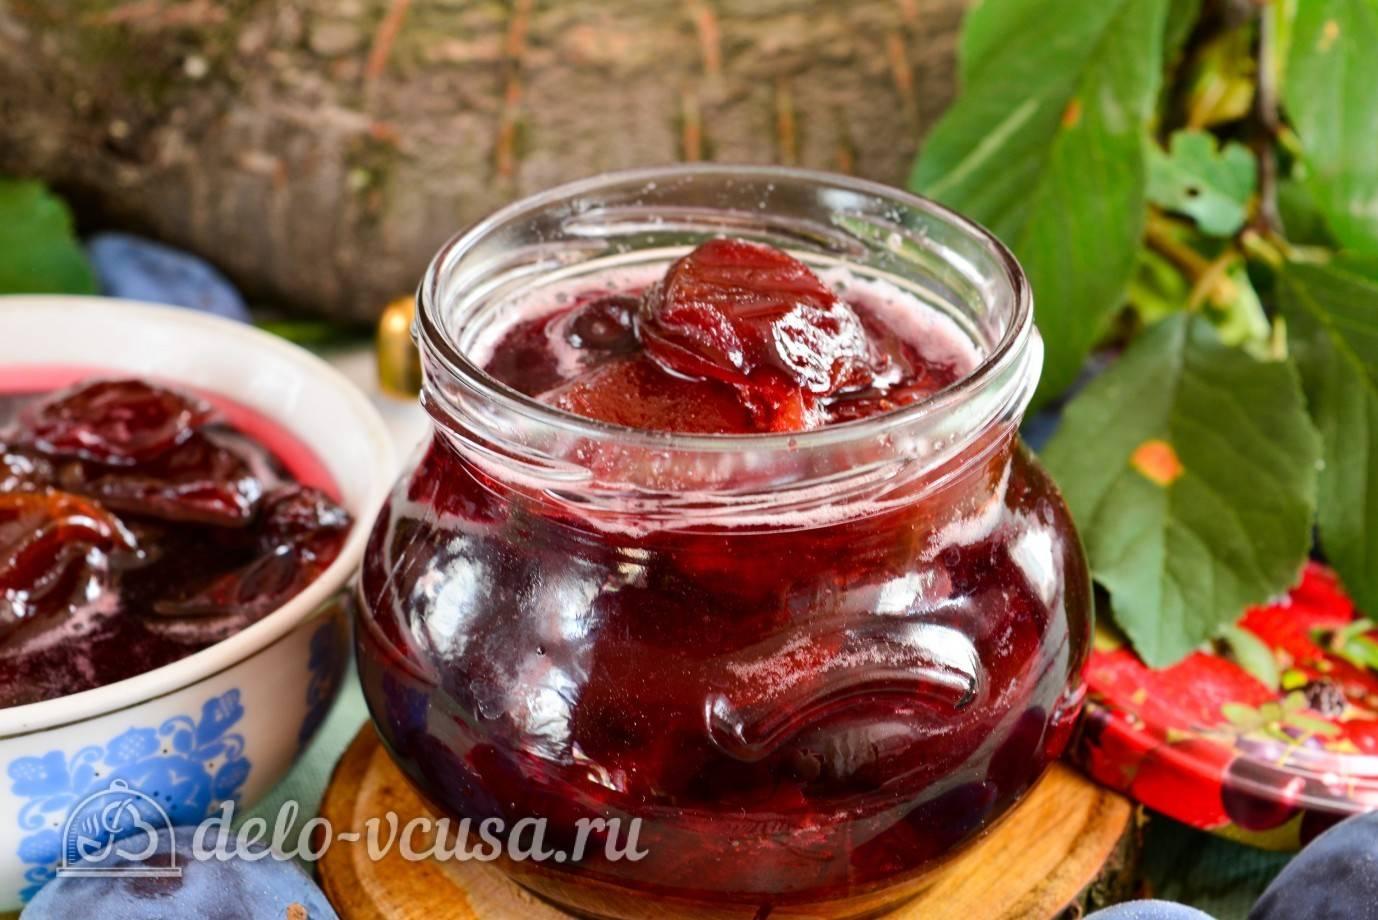 Варенье из слив на зиму — 17 простых и вкусных рецептов с косточками и без косточек